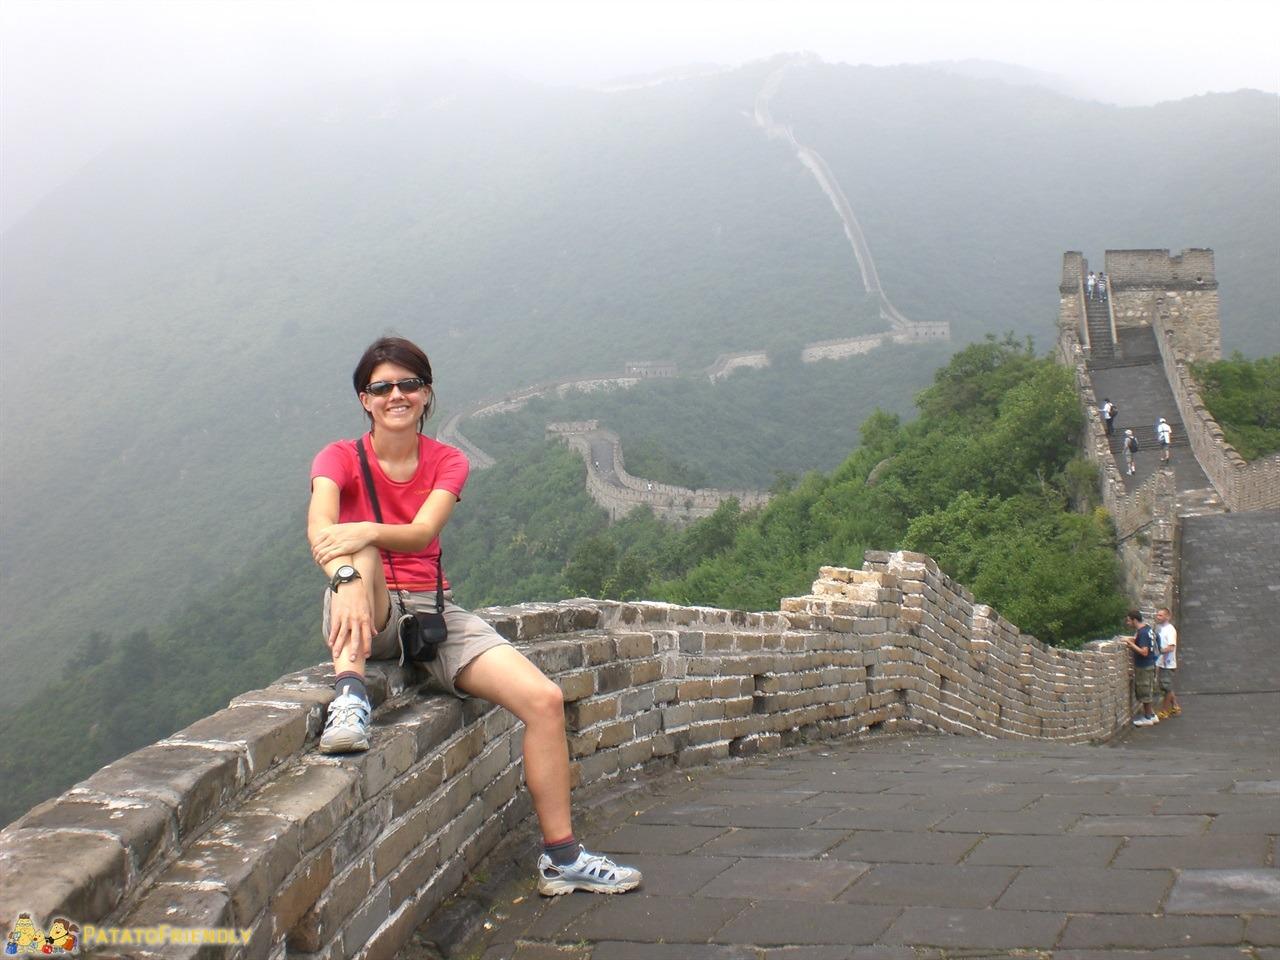 [cml_media_alt id='6664']I miei viaggi e quelli che vorrei fare - La Muraglia Cinese[/cml_media_alt]